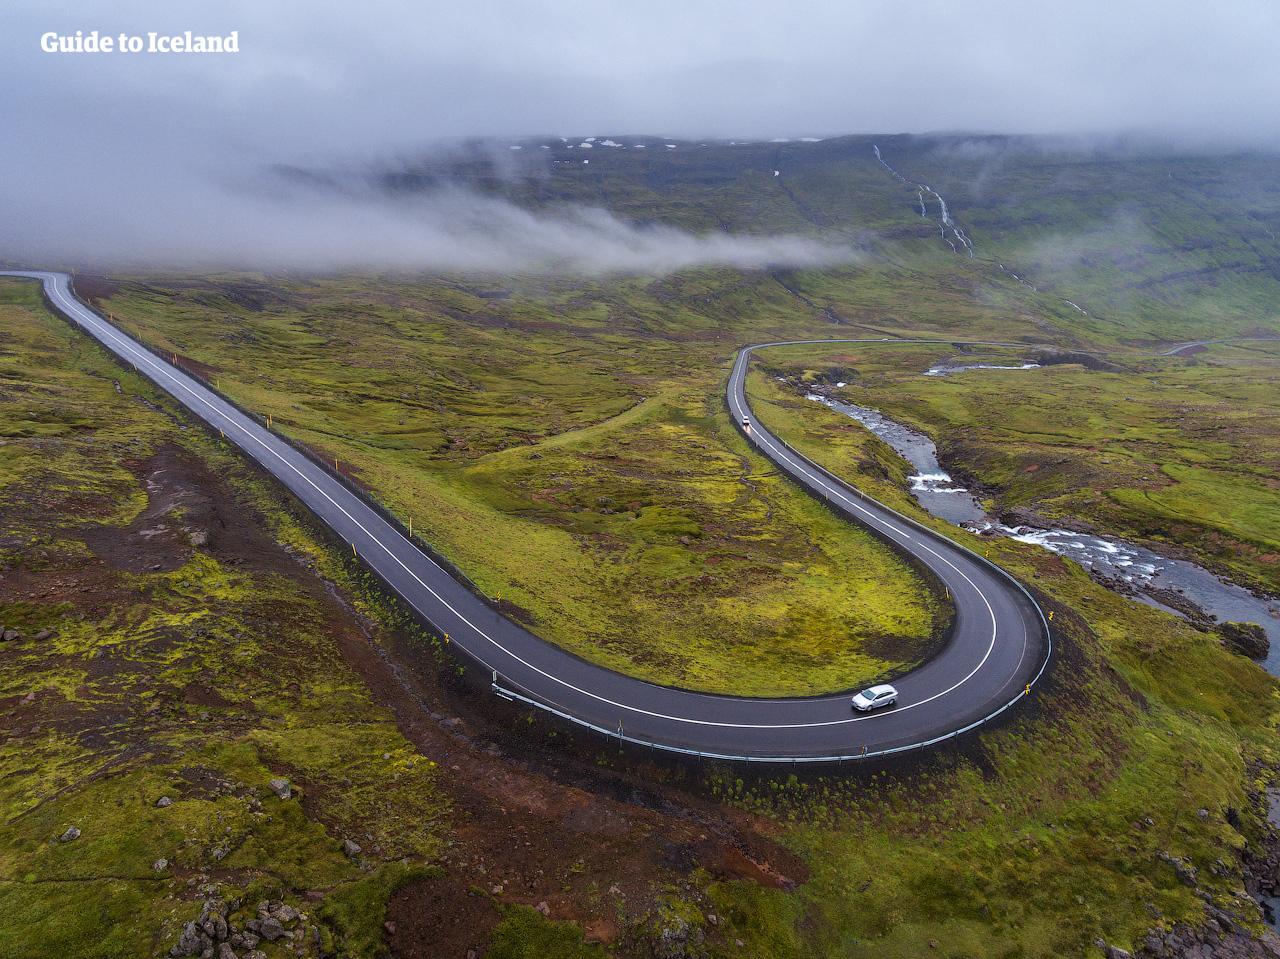 在冰岛自驾,您可以按照自己的喜好与节奏自由旅行。